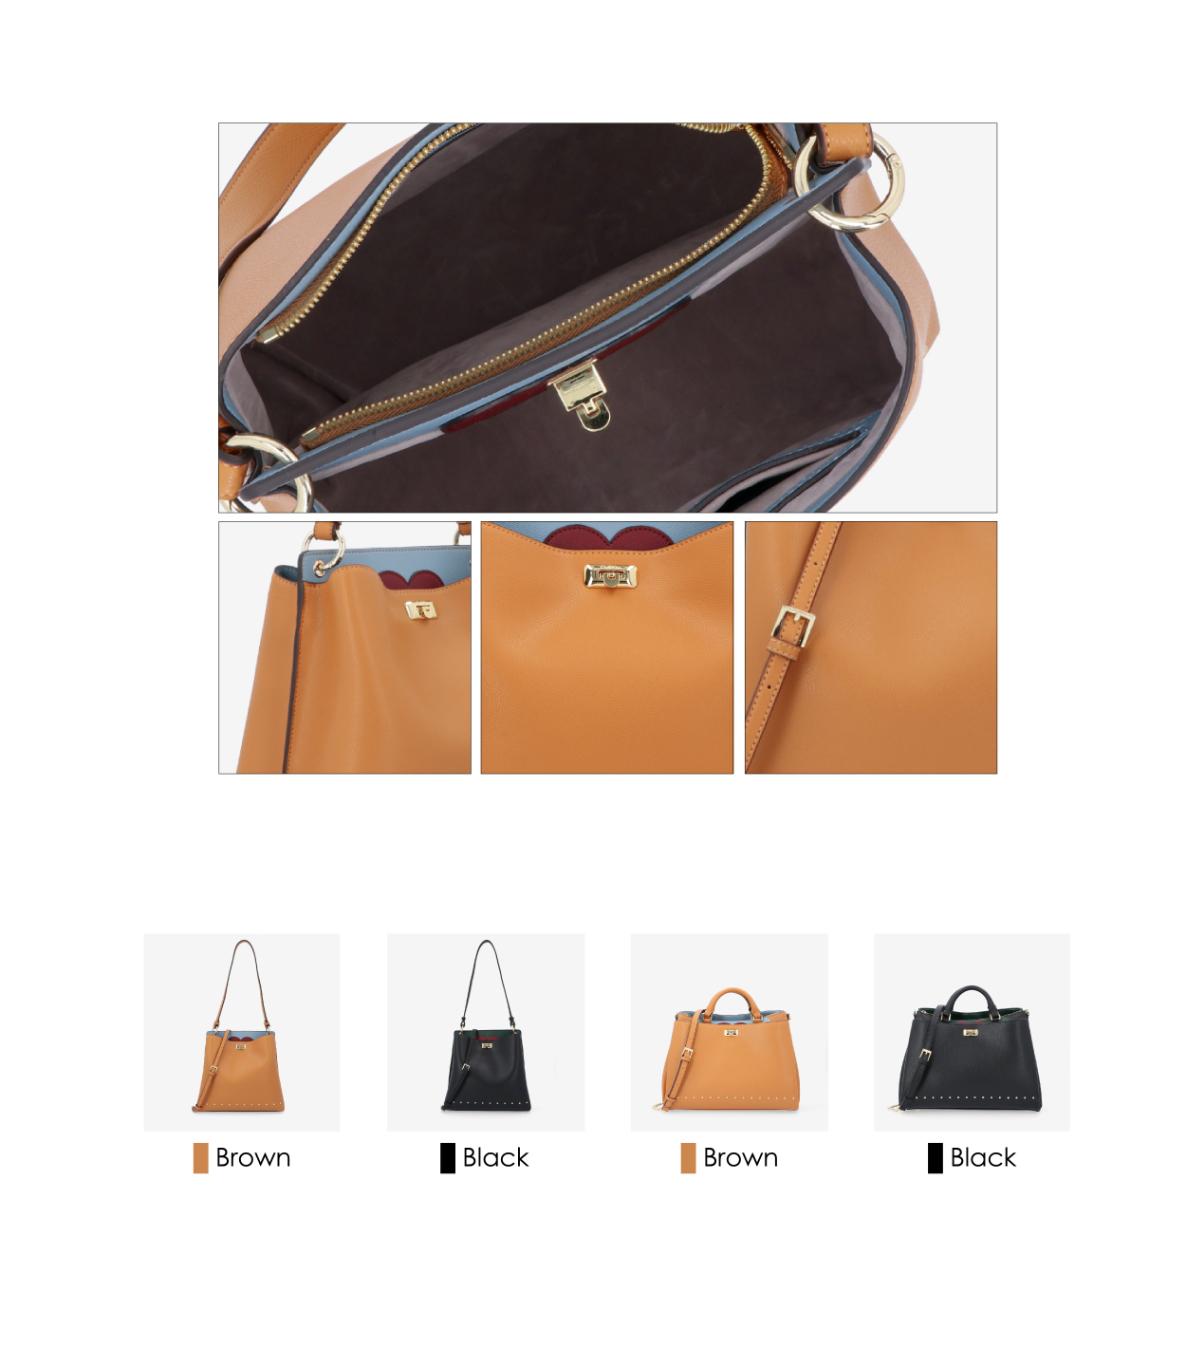 0304792H 002 03 - Special Someone Shoulder Bag